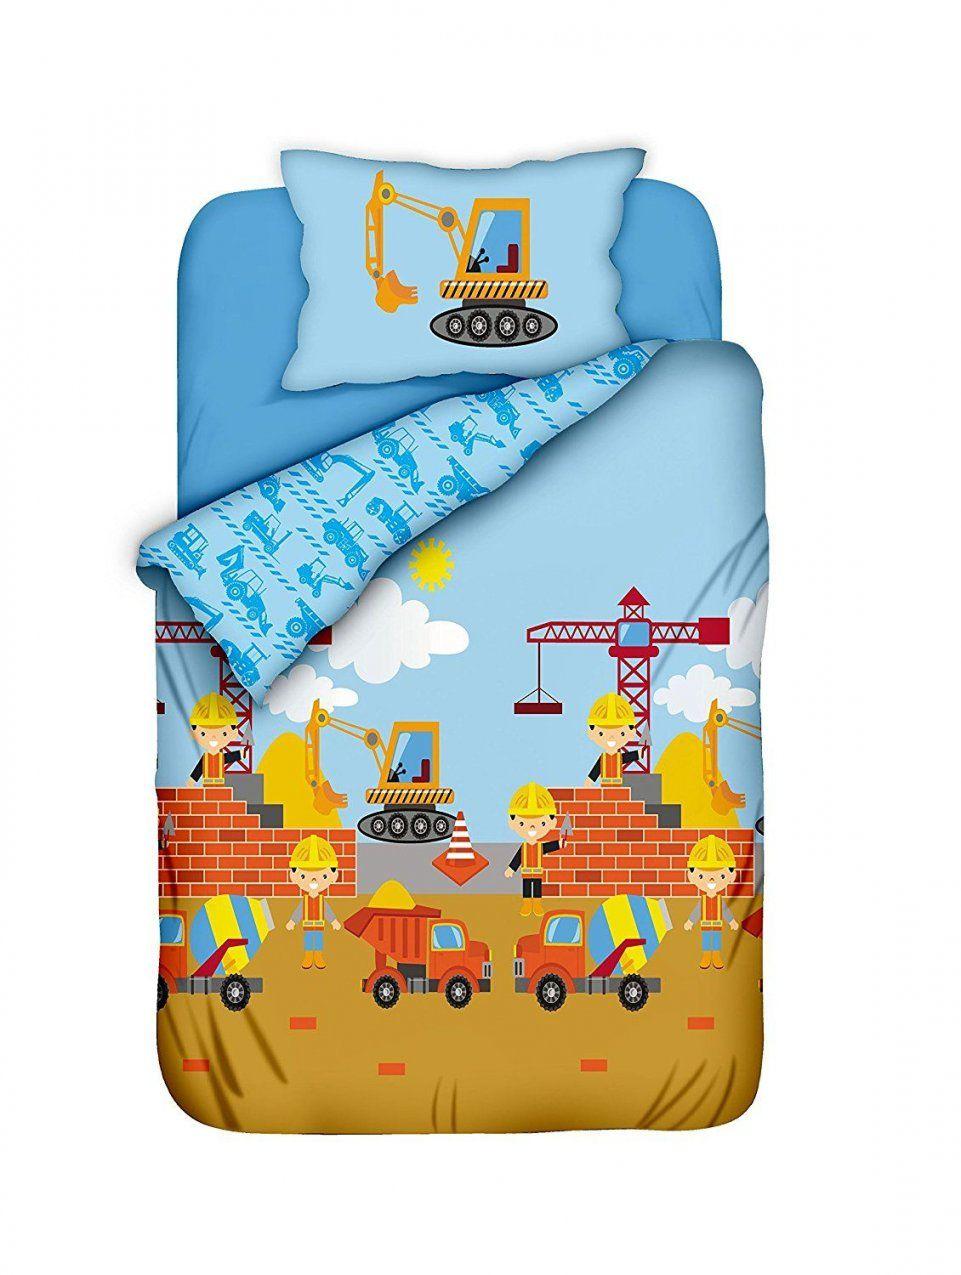 Kinderbettwäsche Jungenkinderbettwäsche Baustelle 100X135 von Bettwäsche Kleiner Roter Traktor Photo